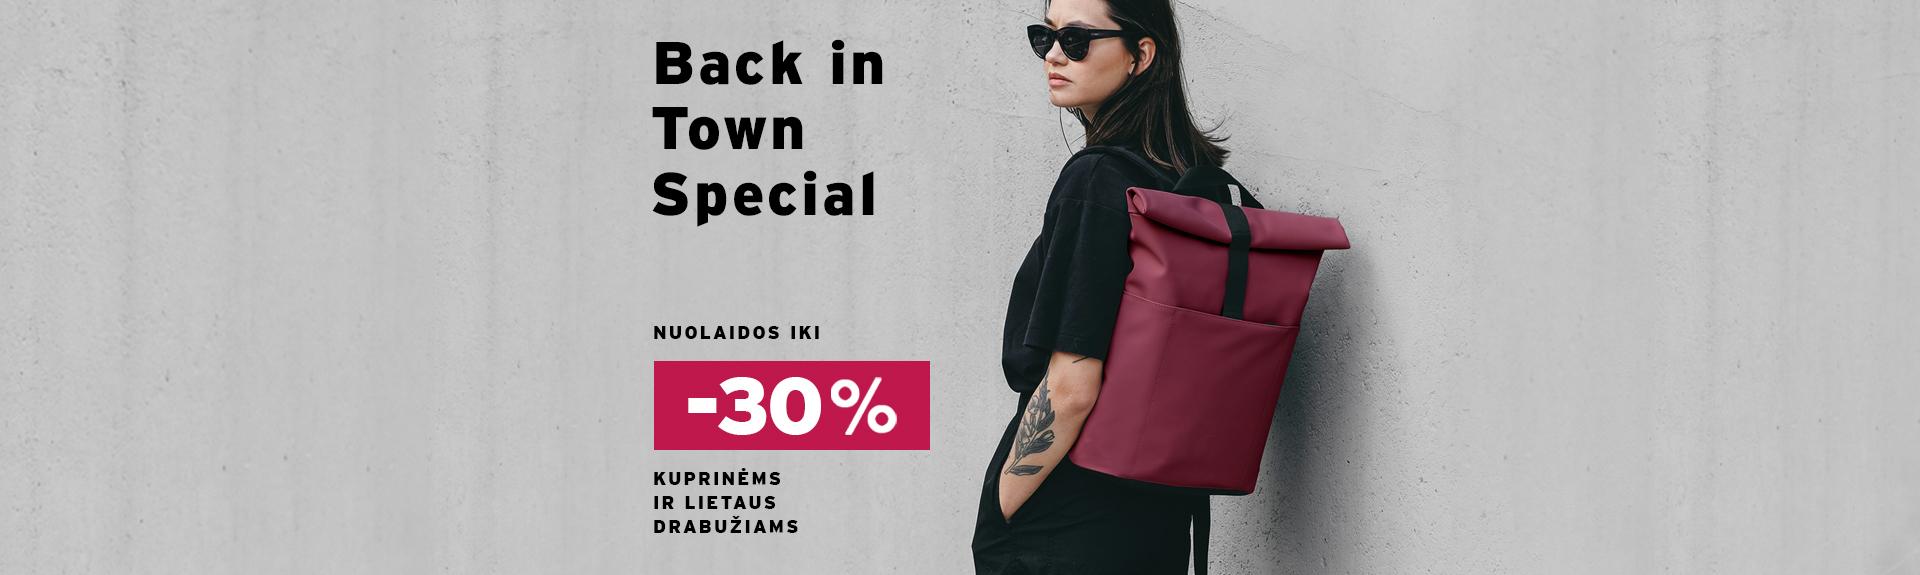 -30% sale